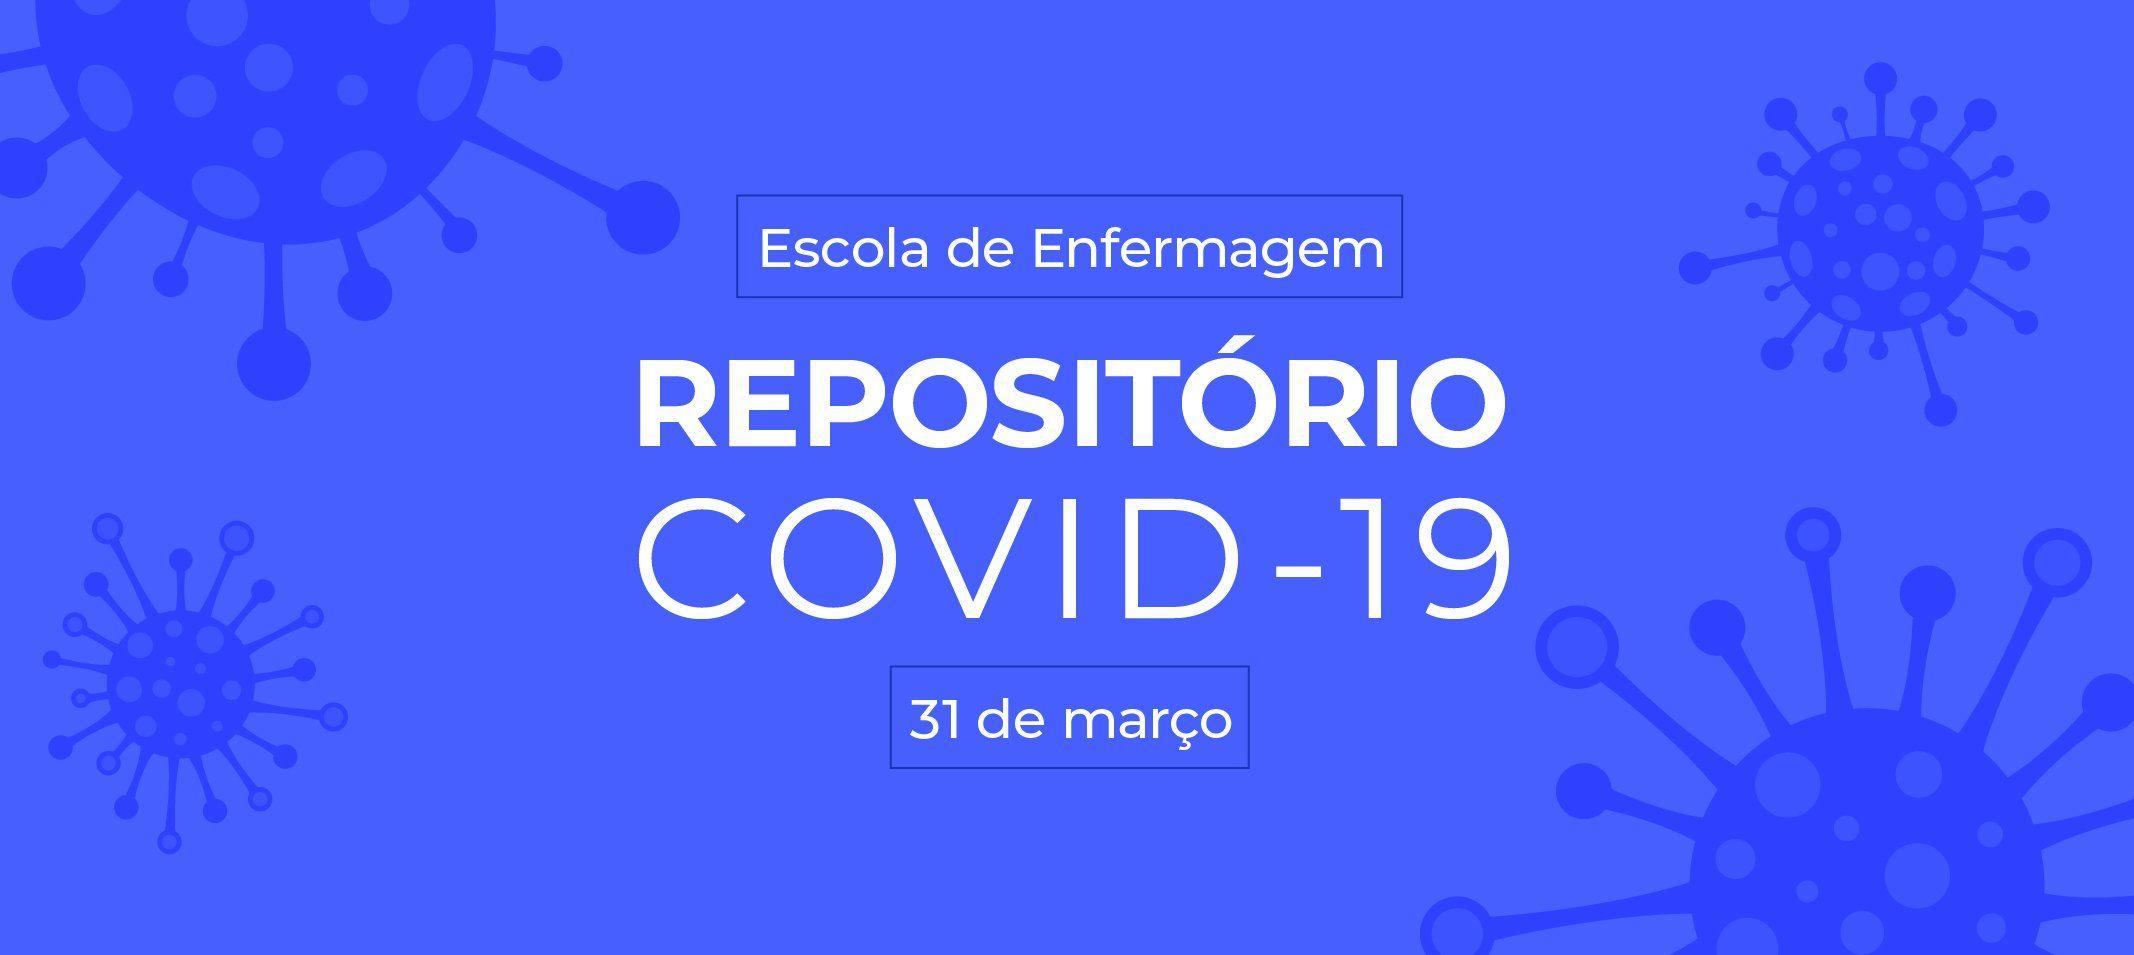 Escola de Enfermagem disponibiliza repositório de questões relacionadas ao covid-19